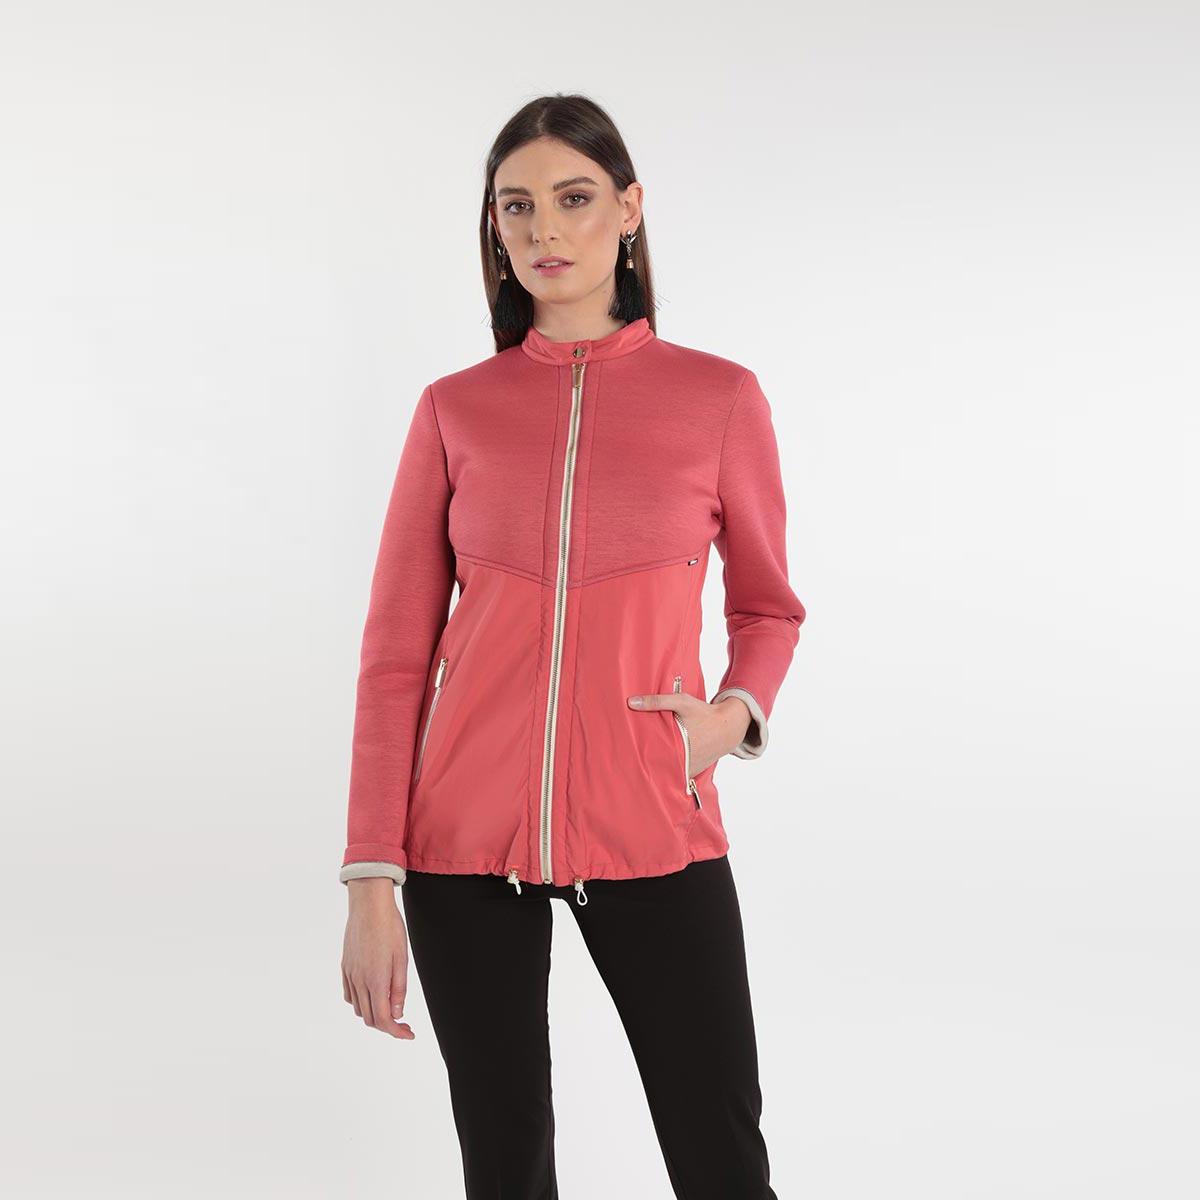 Spolverino classico da donna primavera 2020 Meteore Fashion